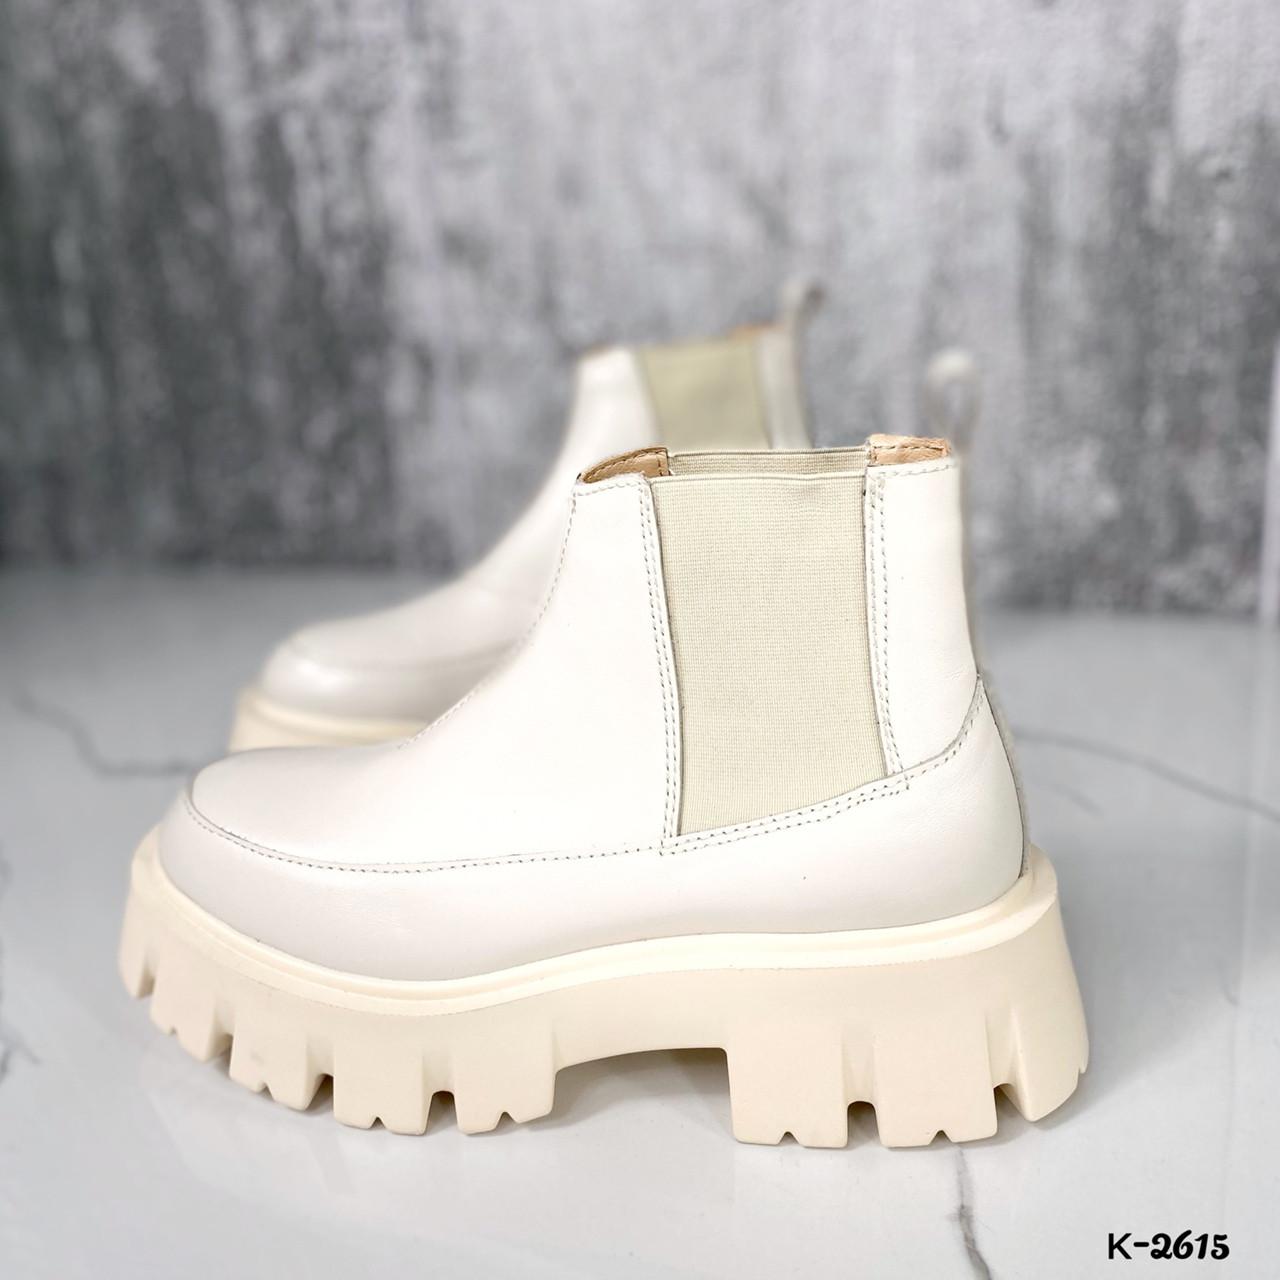 Ботинки натуральные - Mollis материал: верх- натуральная кожа В наличии и под заказ